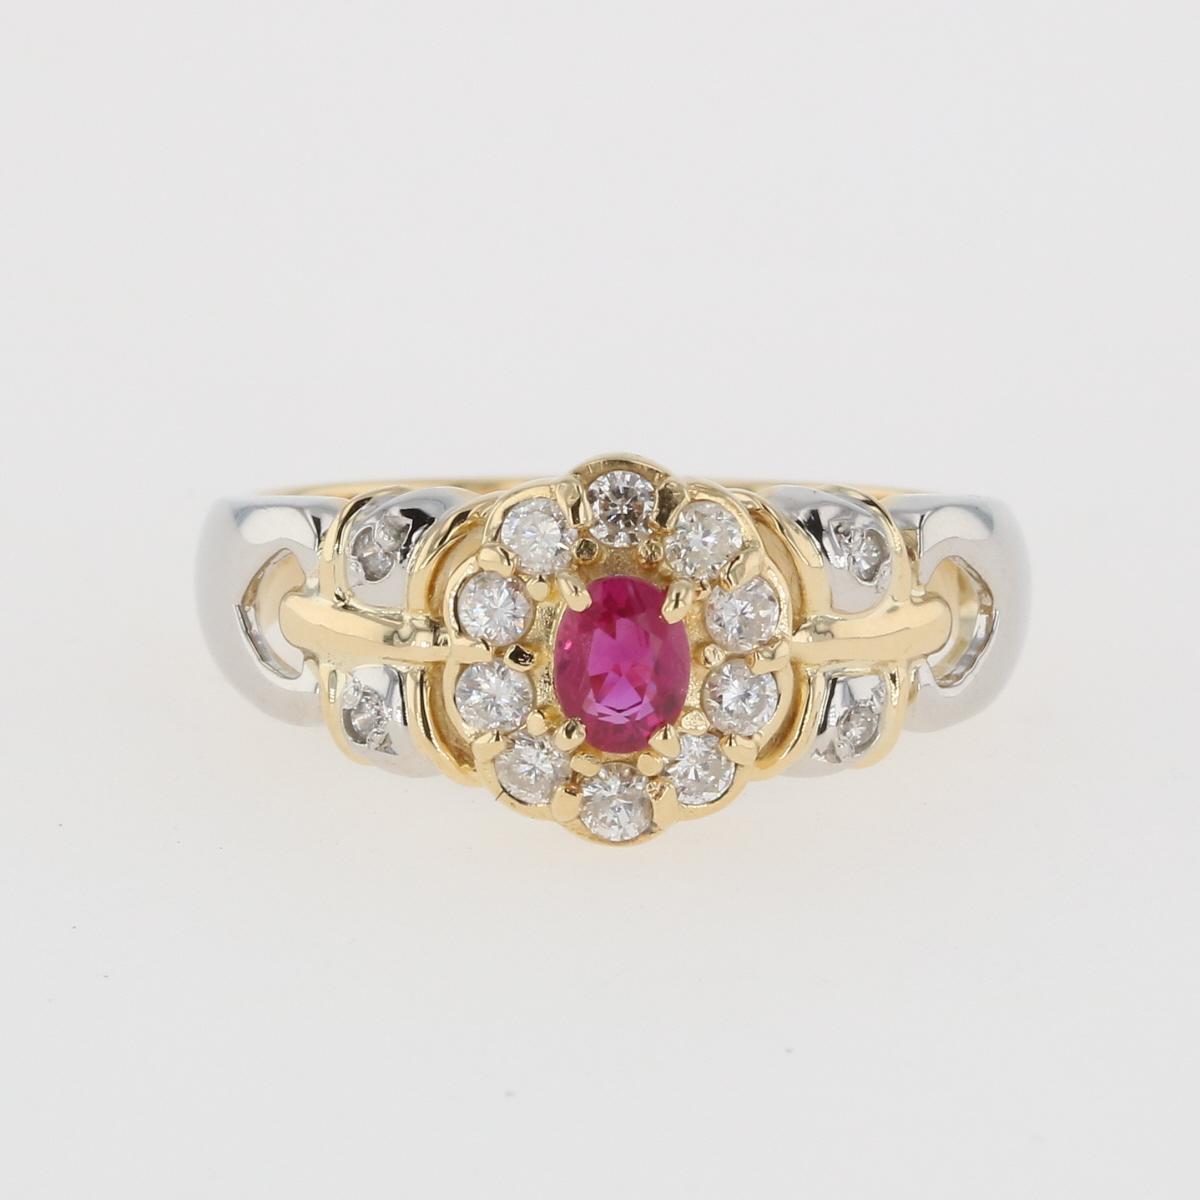 激安通販販売 USED 送料無料 ルビー デザインリング K18 イエローゴールド 指輪 リング 12号 ダイヤモンド プラチナ 中古 全品送料無料 YG